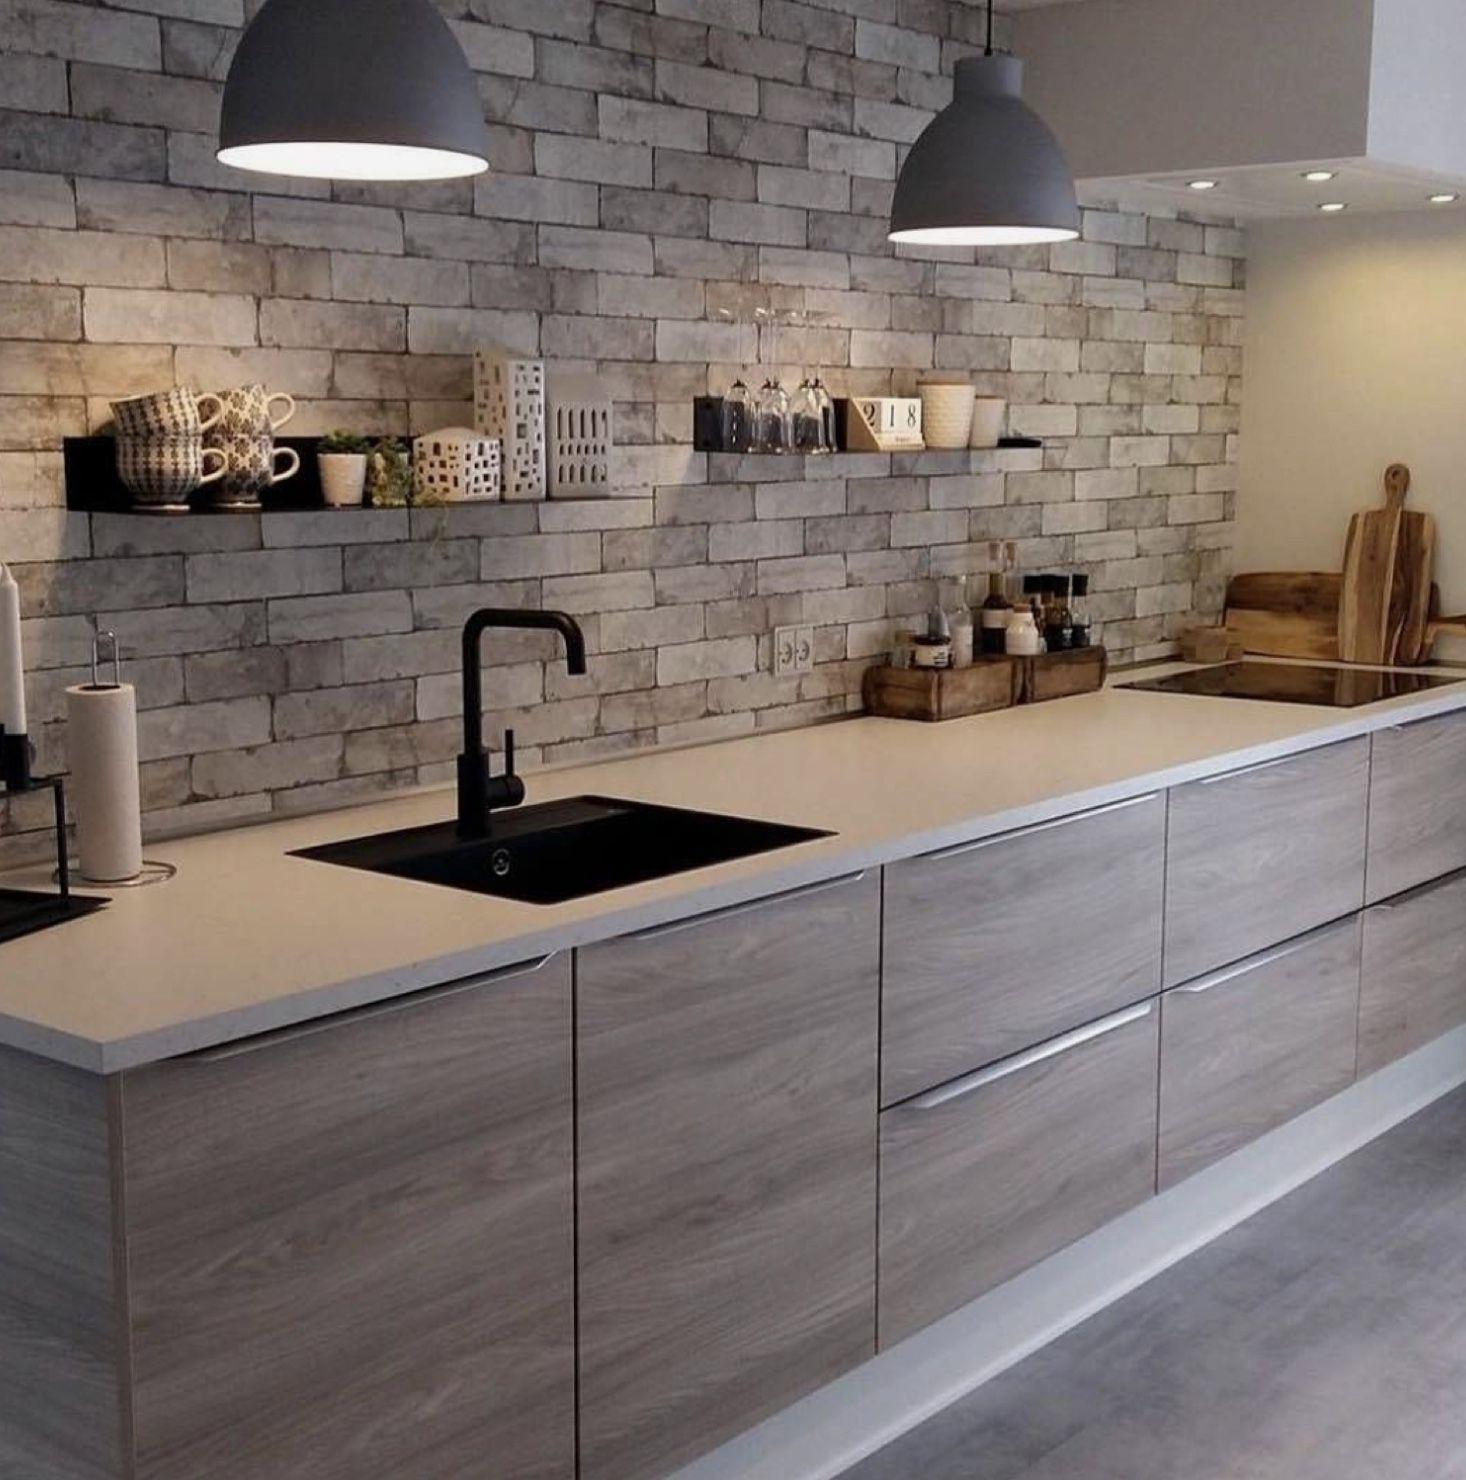 Pin By Zdenicka Sturmova On Kitchen 2020 Modern Kitchen Interiors Kitchen Interior Kitchen Design